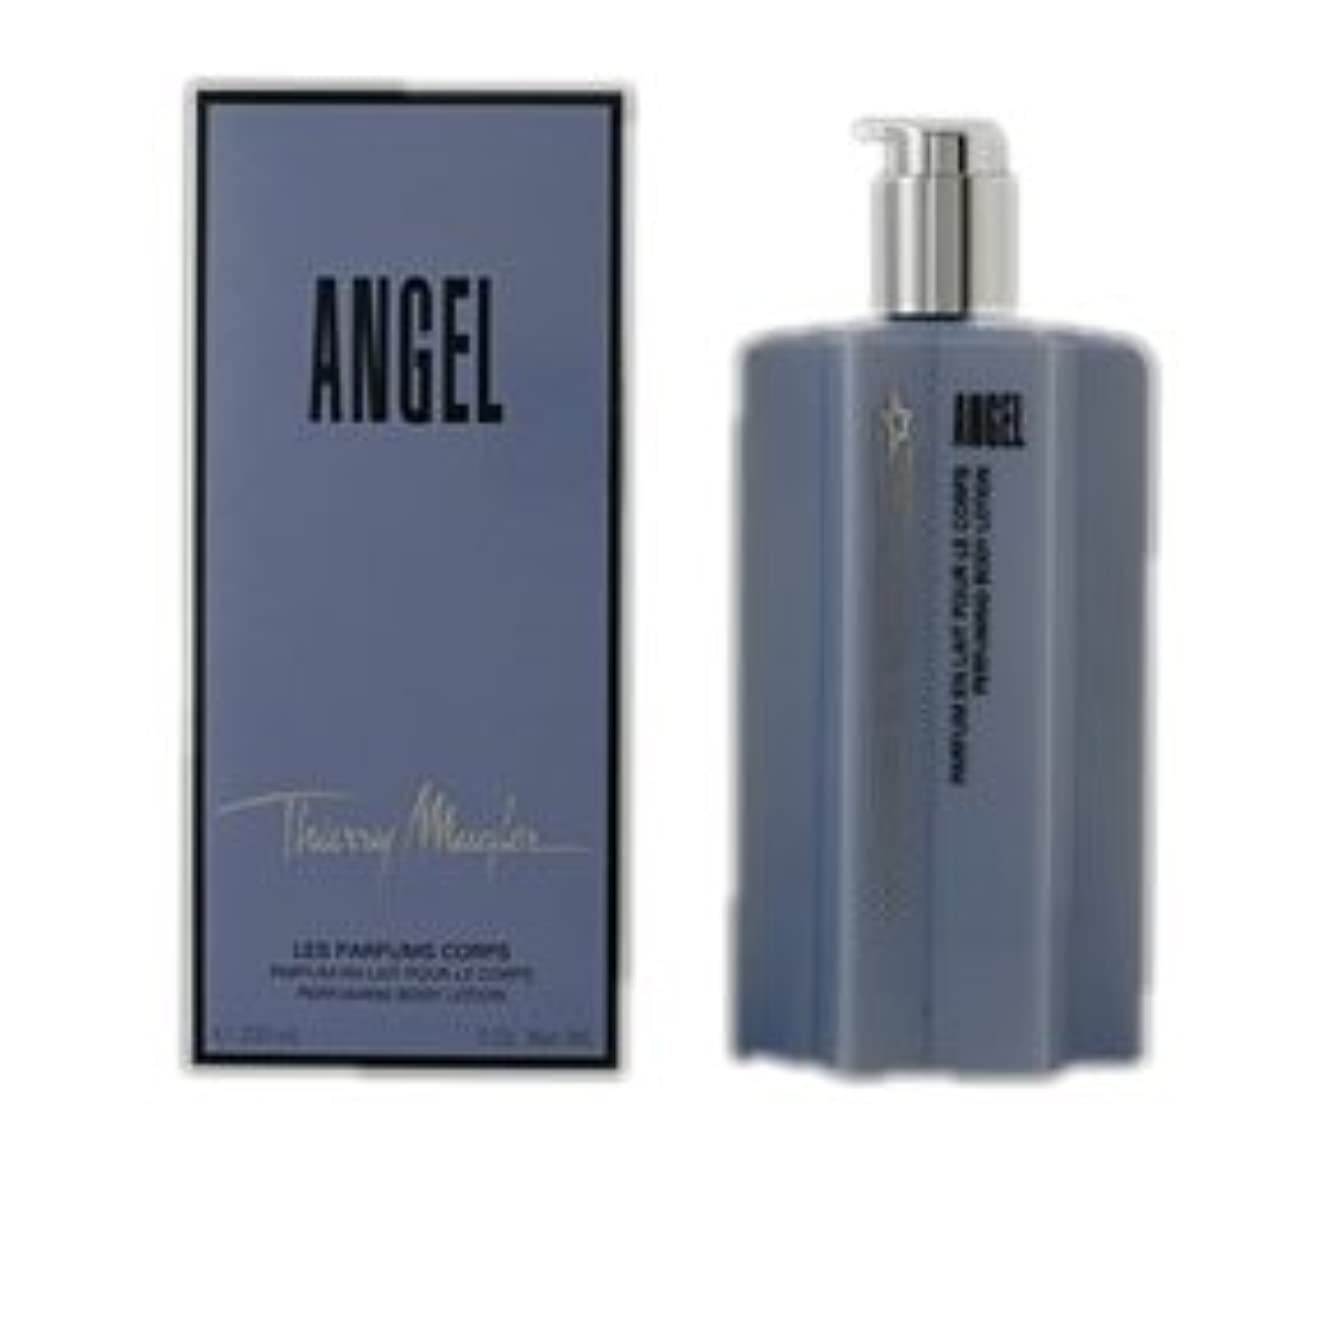 錆びマイルド汚れたThierry Mugler Angel Perfuming Body Lotion 200ml [並行輸入品]